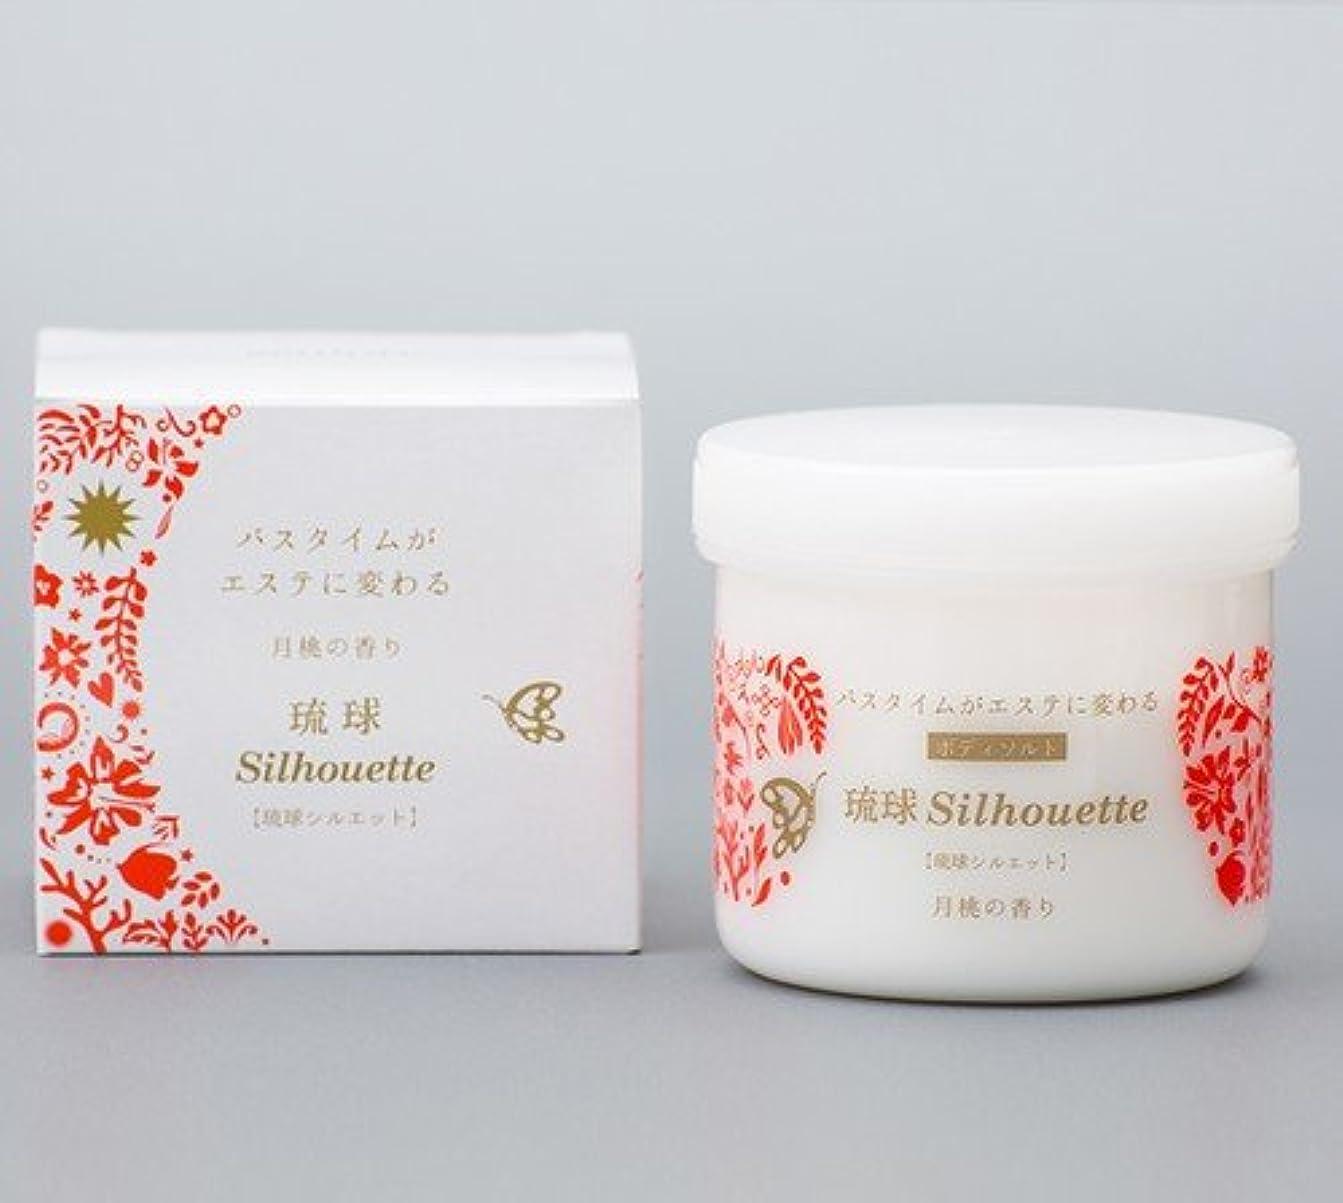 美的仲間、同僚調和のとれた月桃の香り 琉球シルエット ソルトソープ(200g)